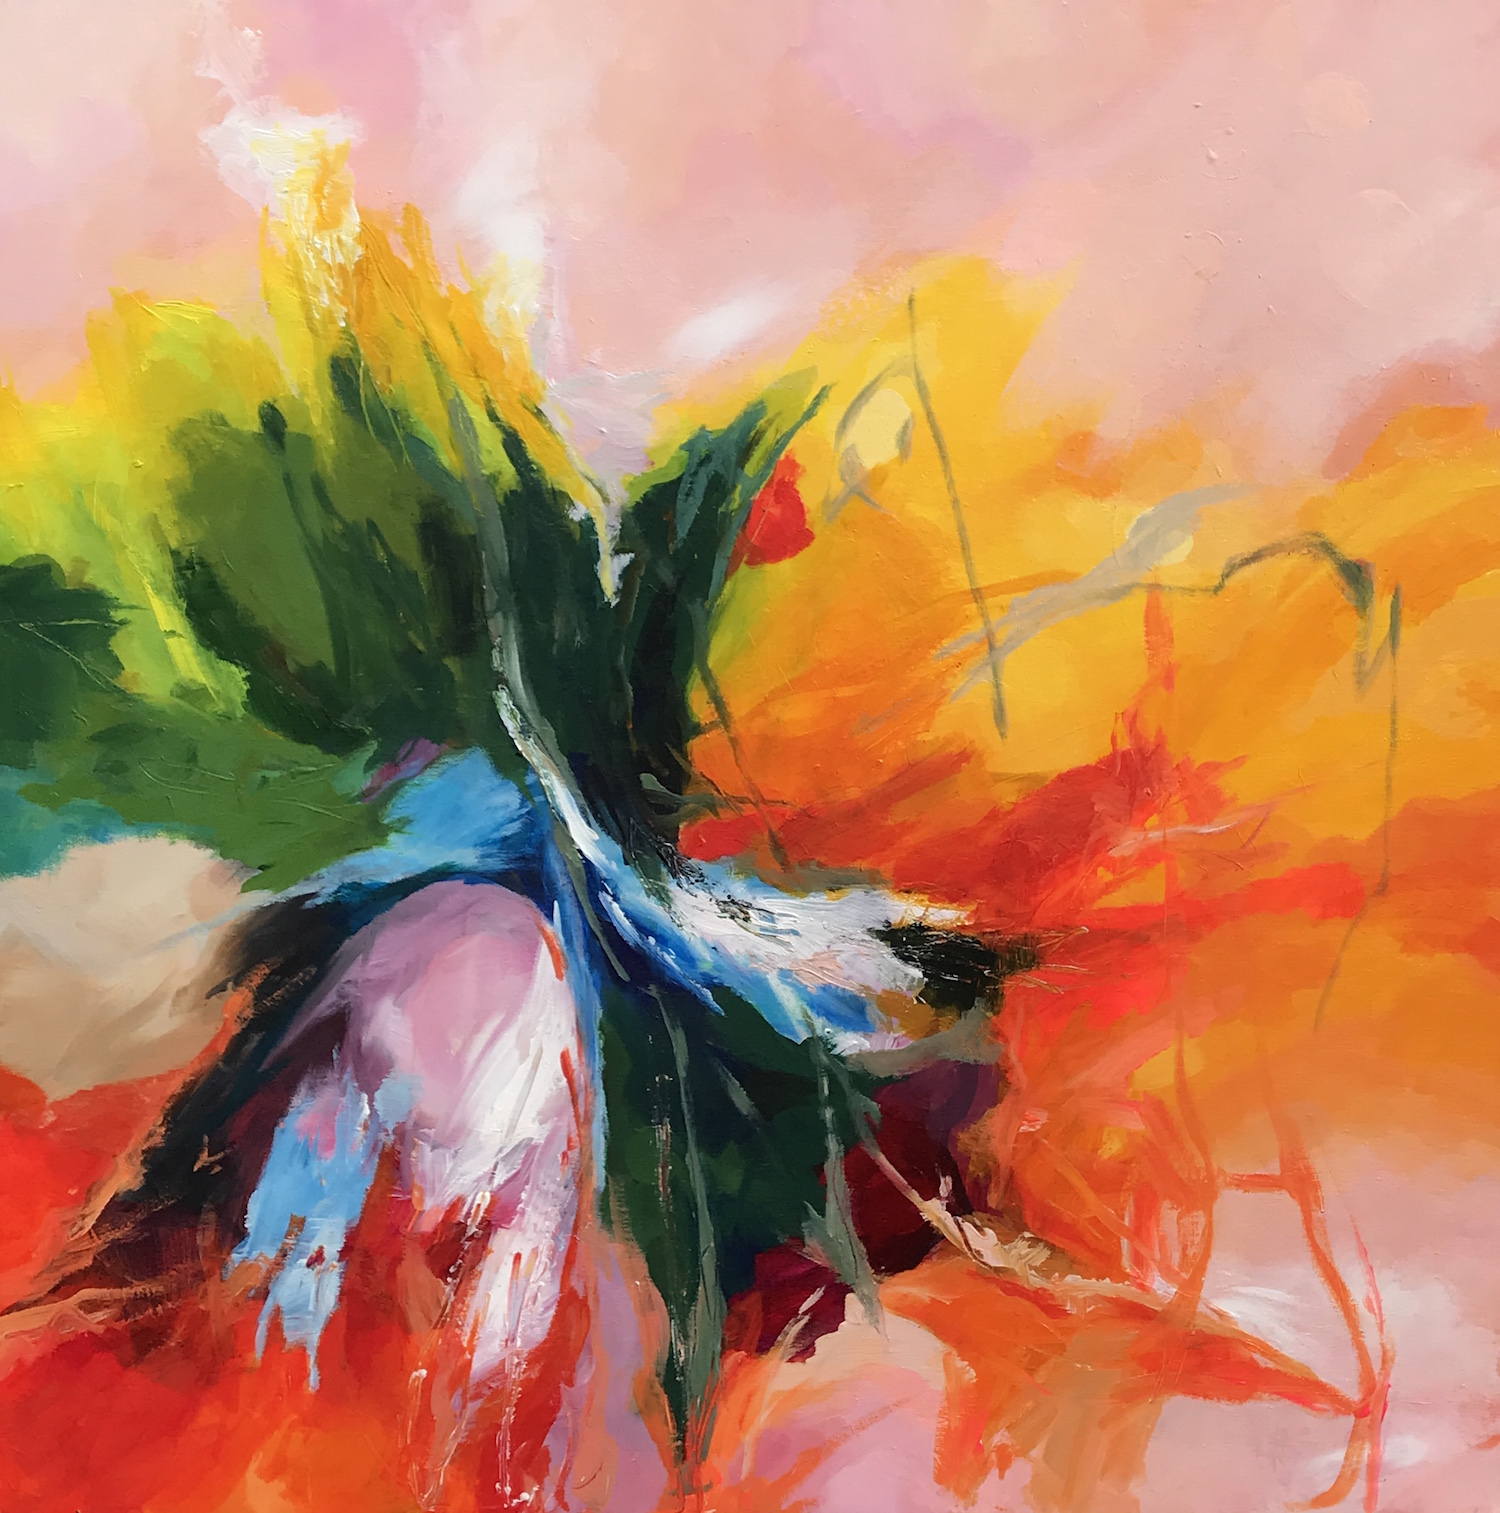 Hollyhock 2018 - acrylic on canvas 76x76 cm £500